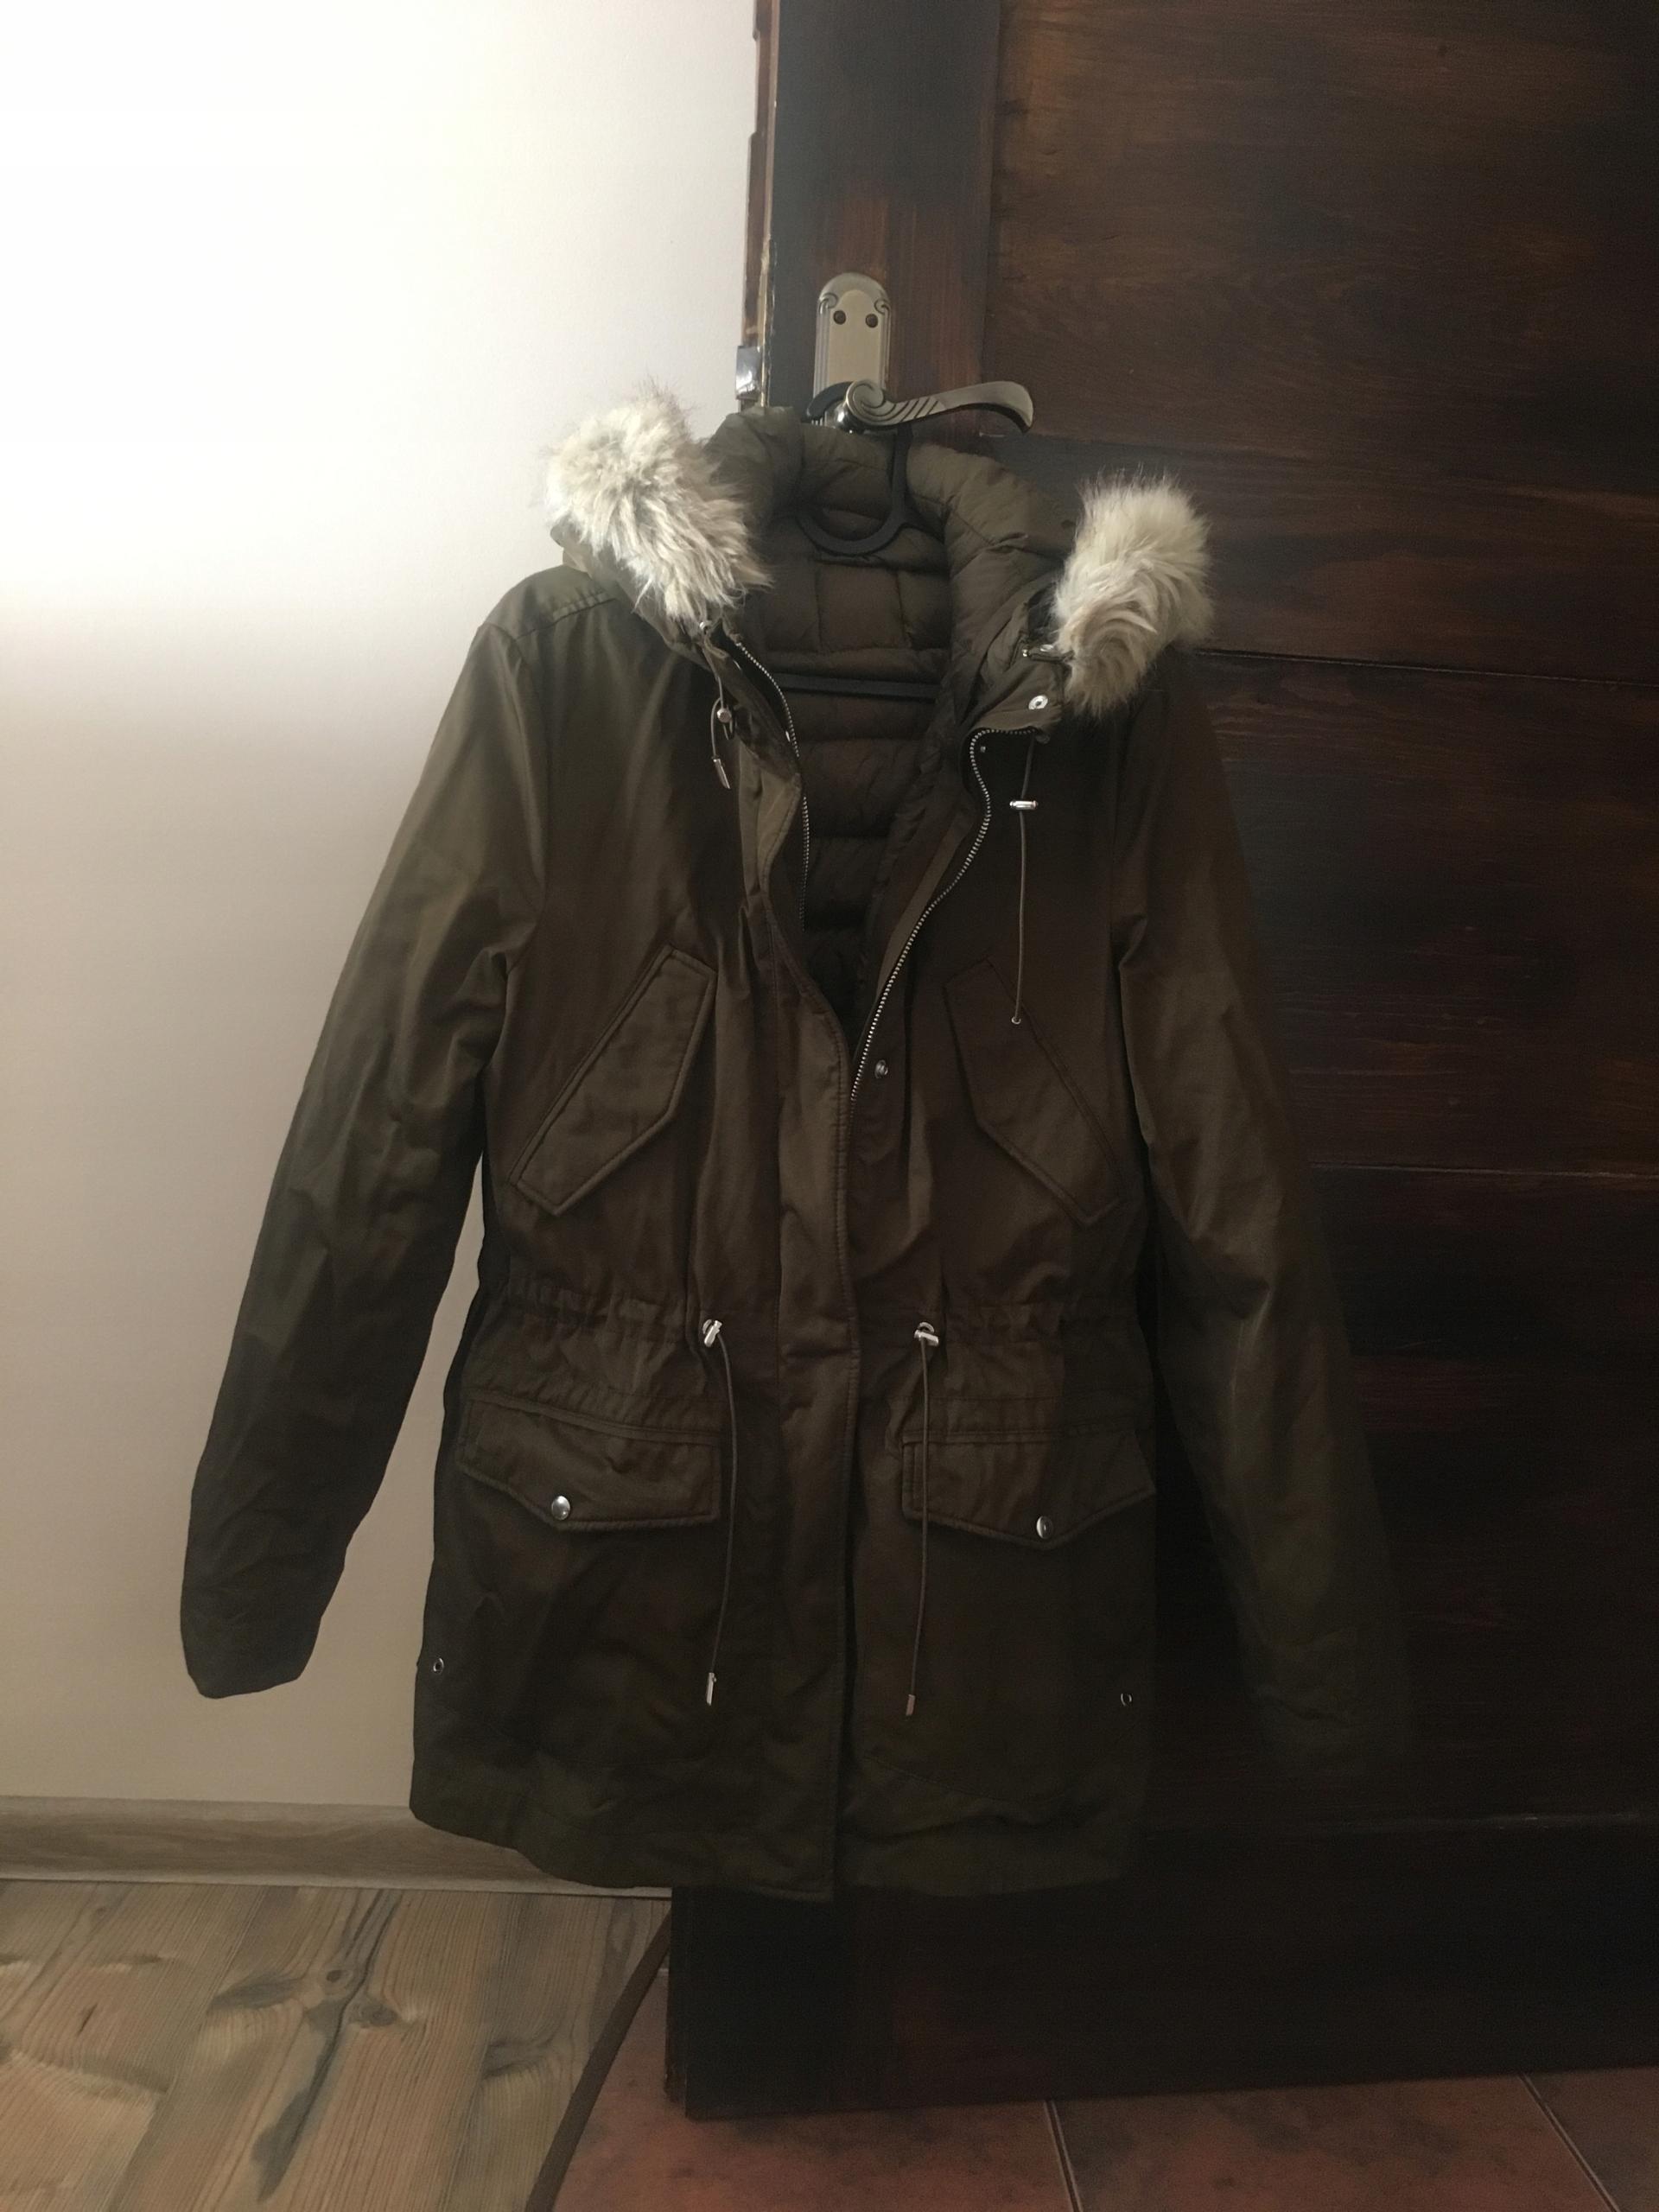 6817ac313571 ZARA kurtka zimowo jesienna kolor kaki - 7458938513 - oficjalne ...